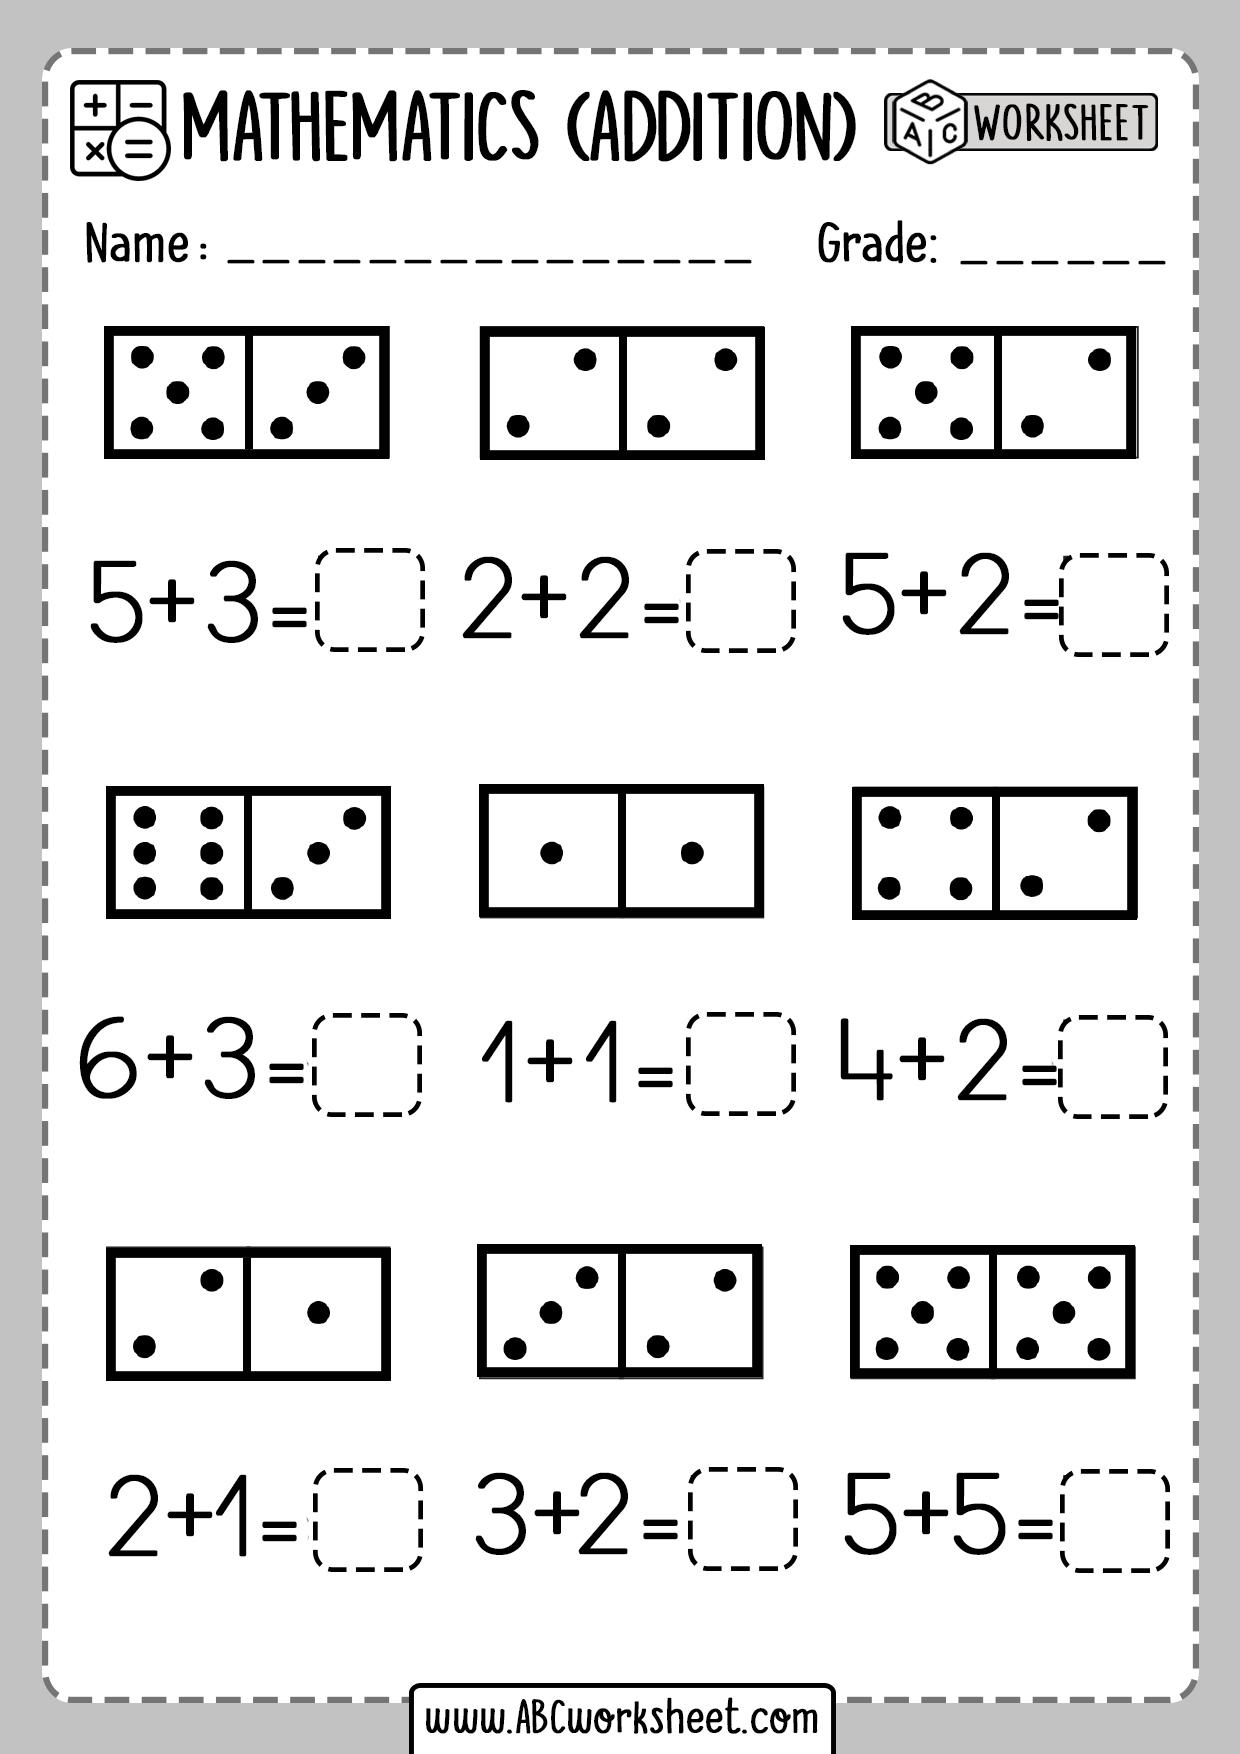 Free Printable Kindergarten Addition Worksheets